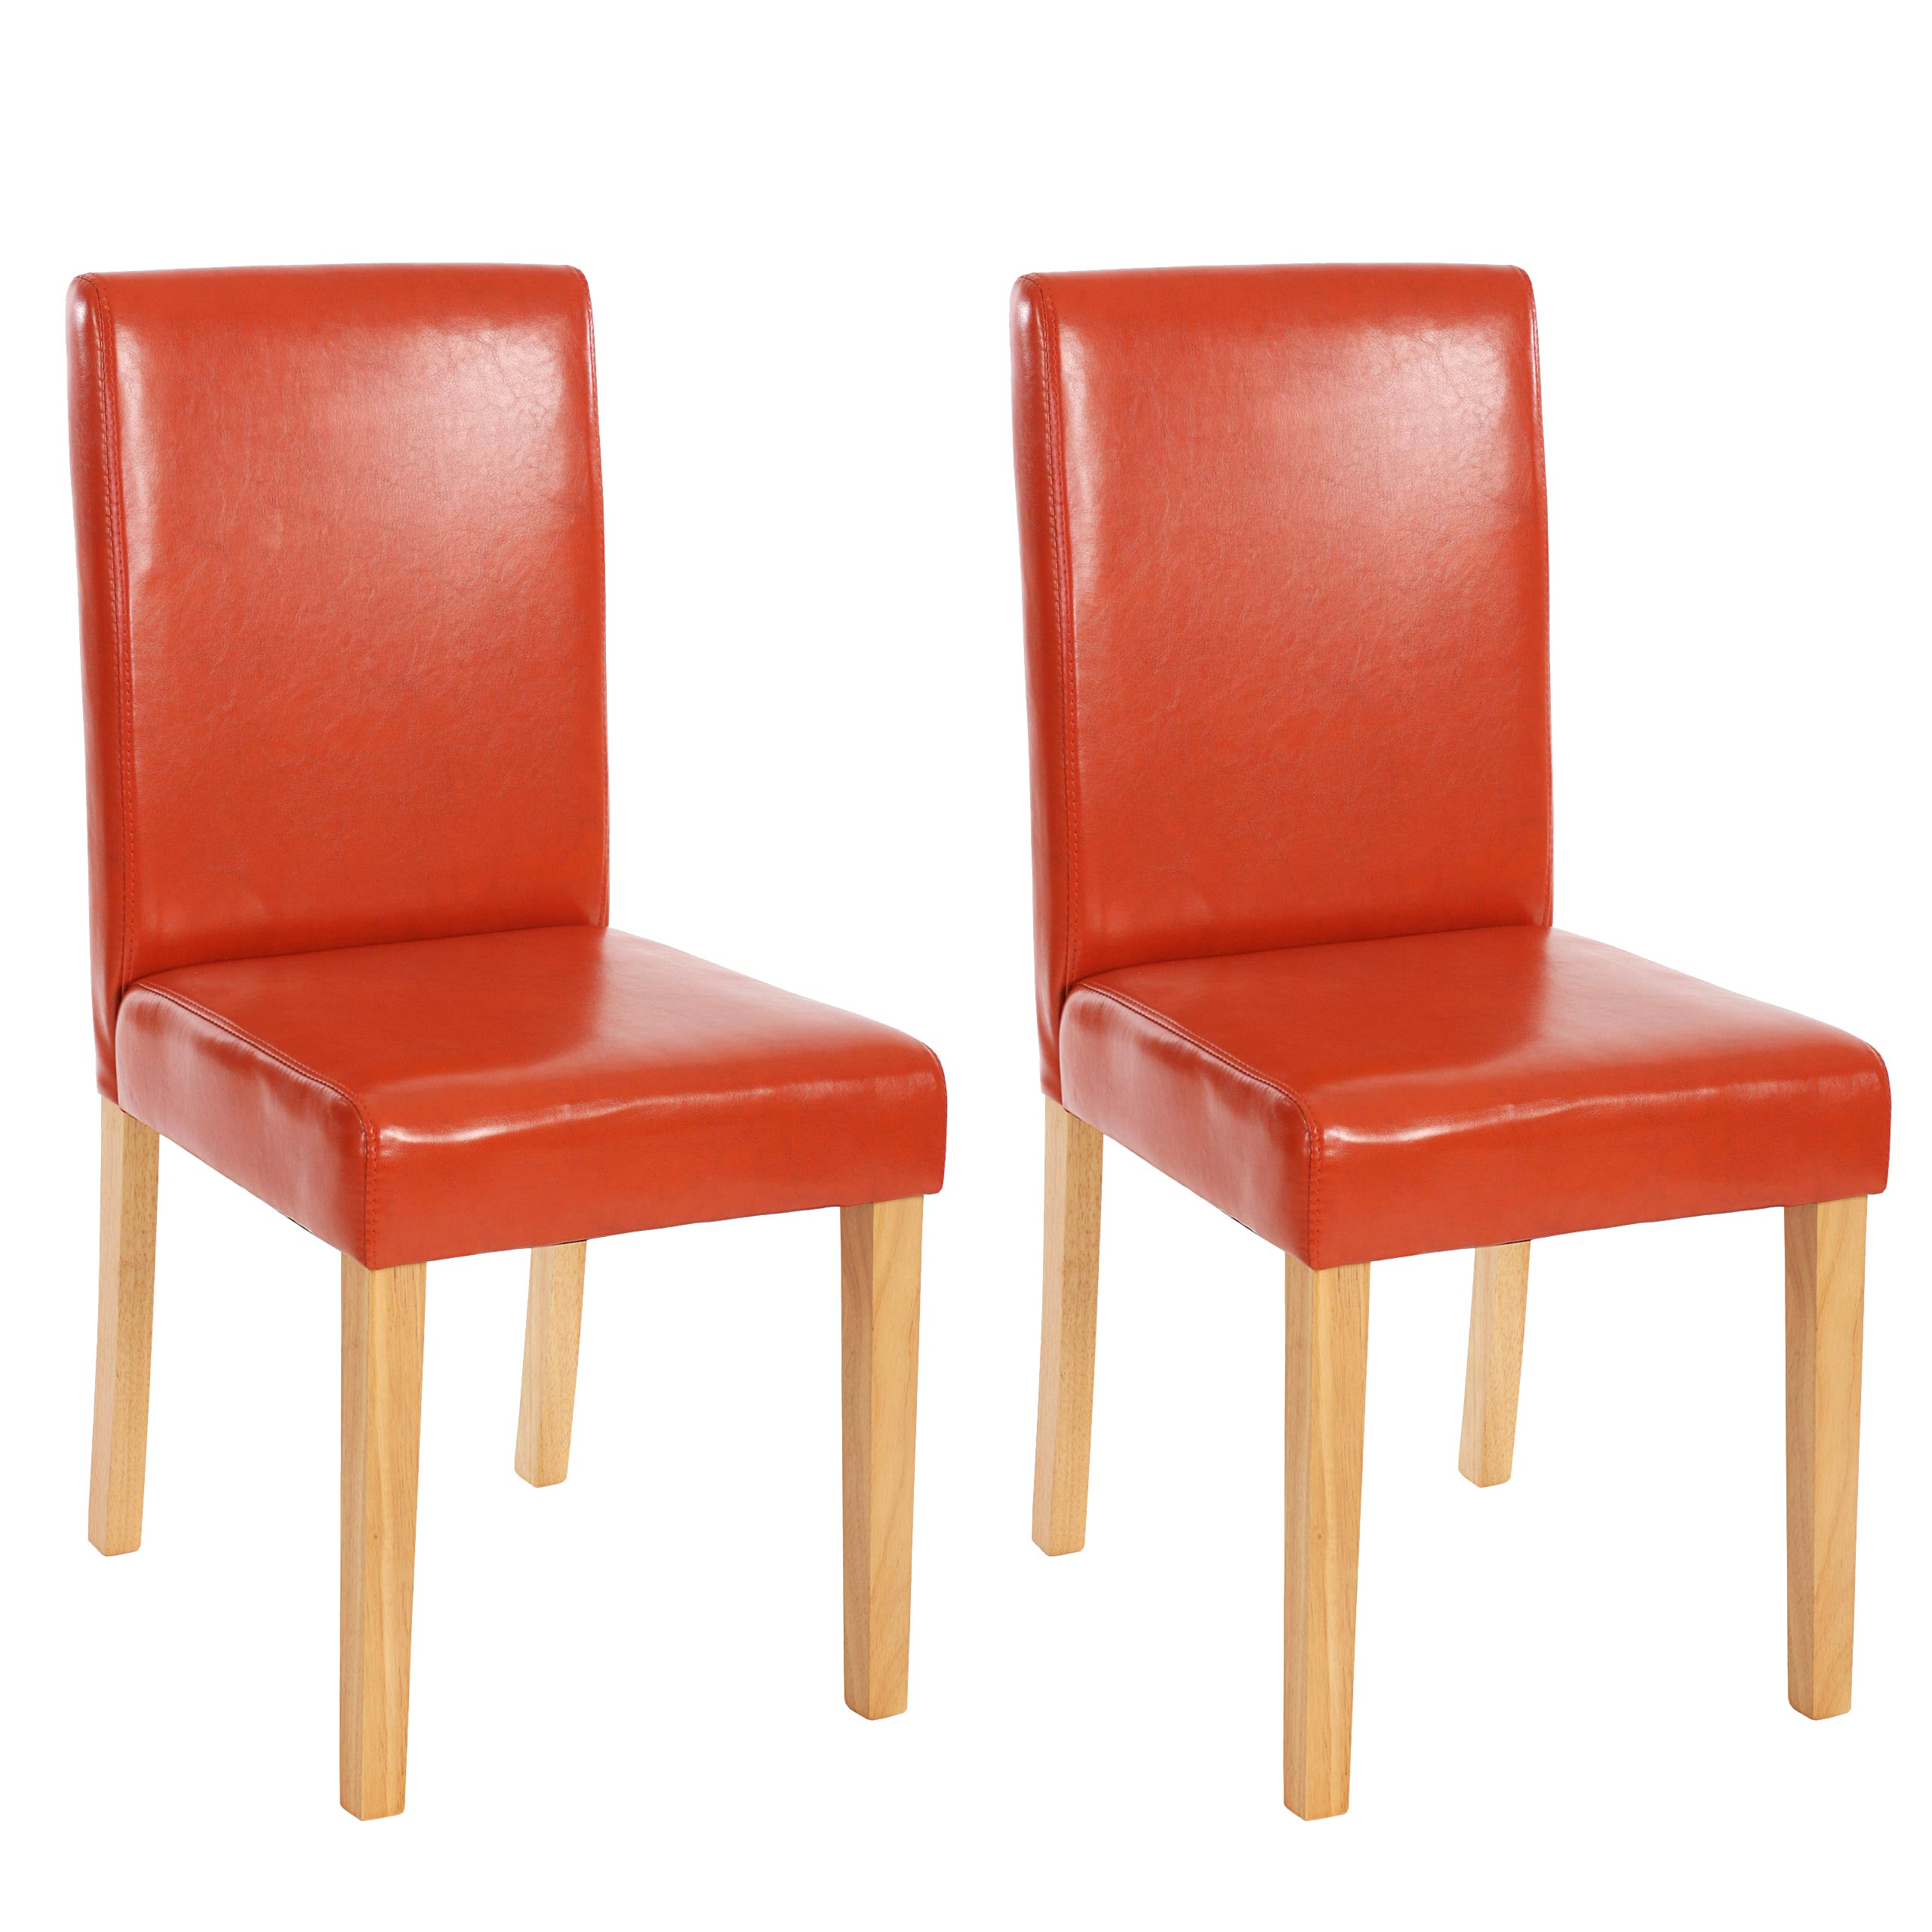 Lot de chaises a vendre 28 images chaises de for Interieur gov dz s12